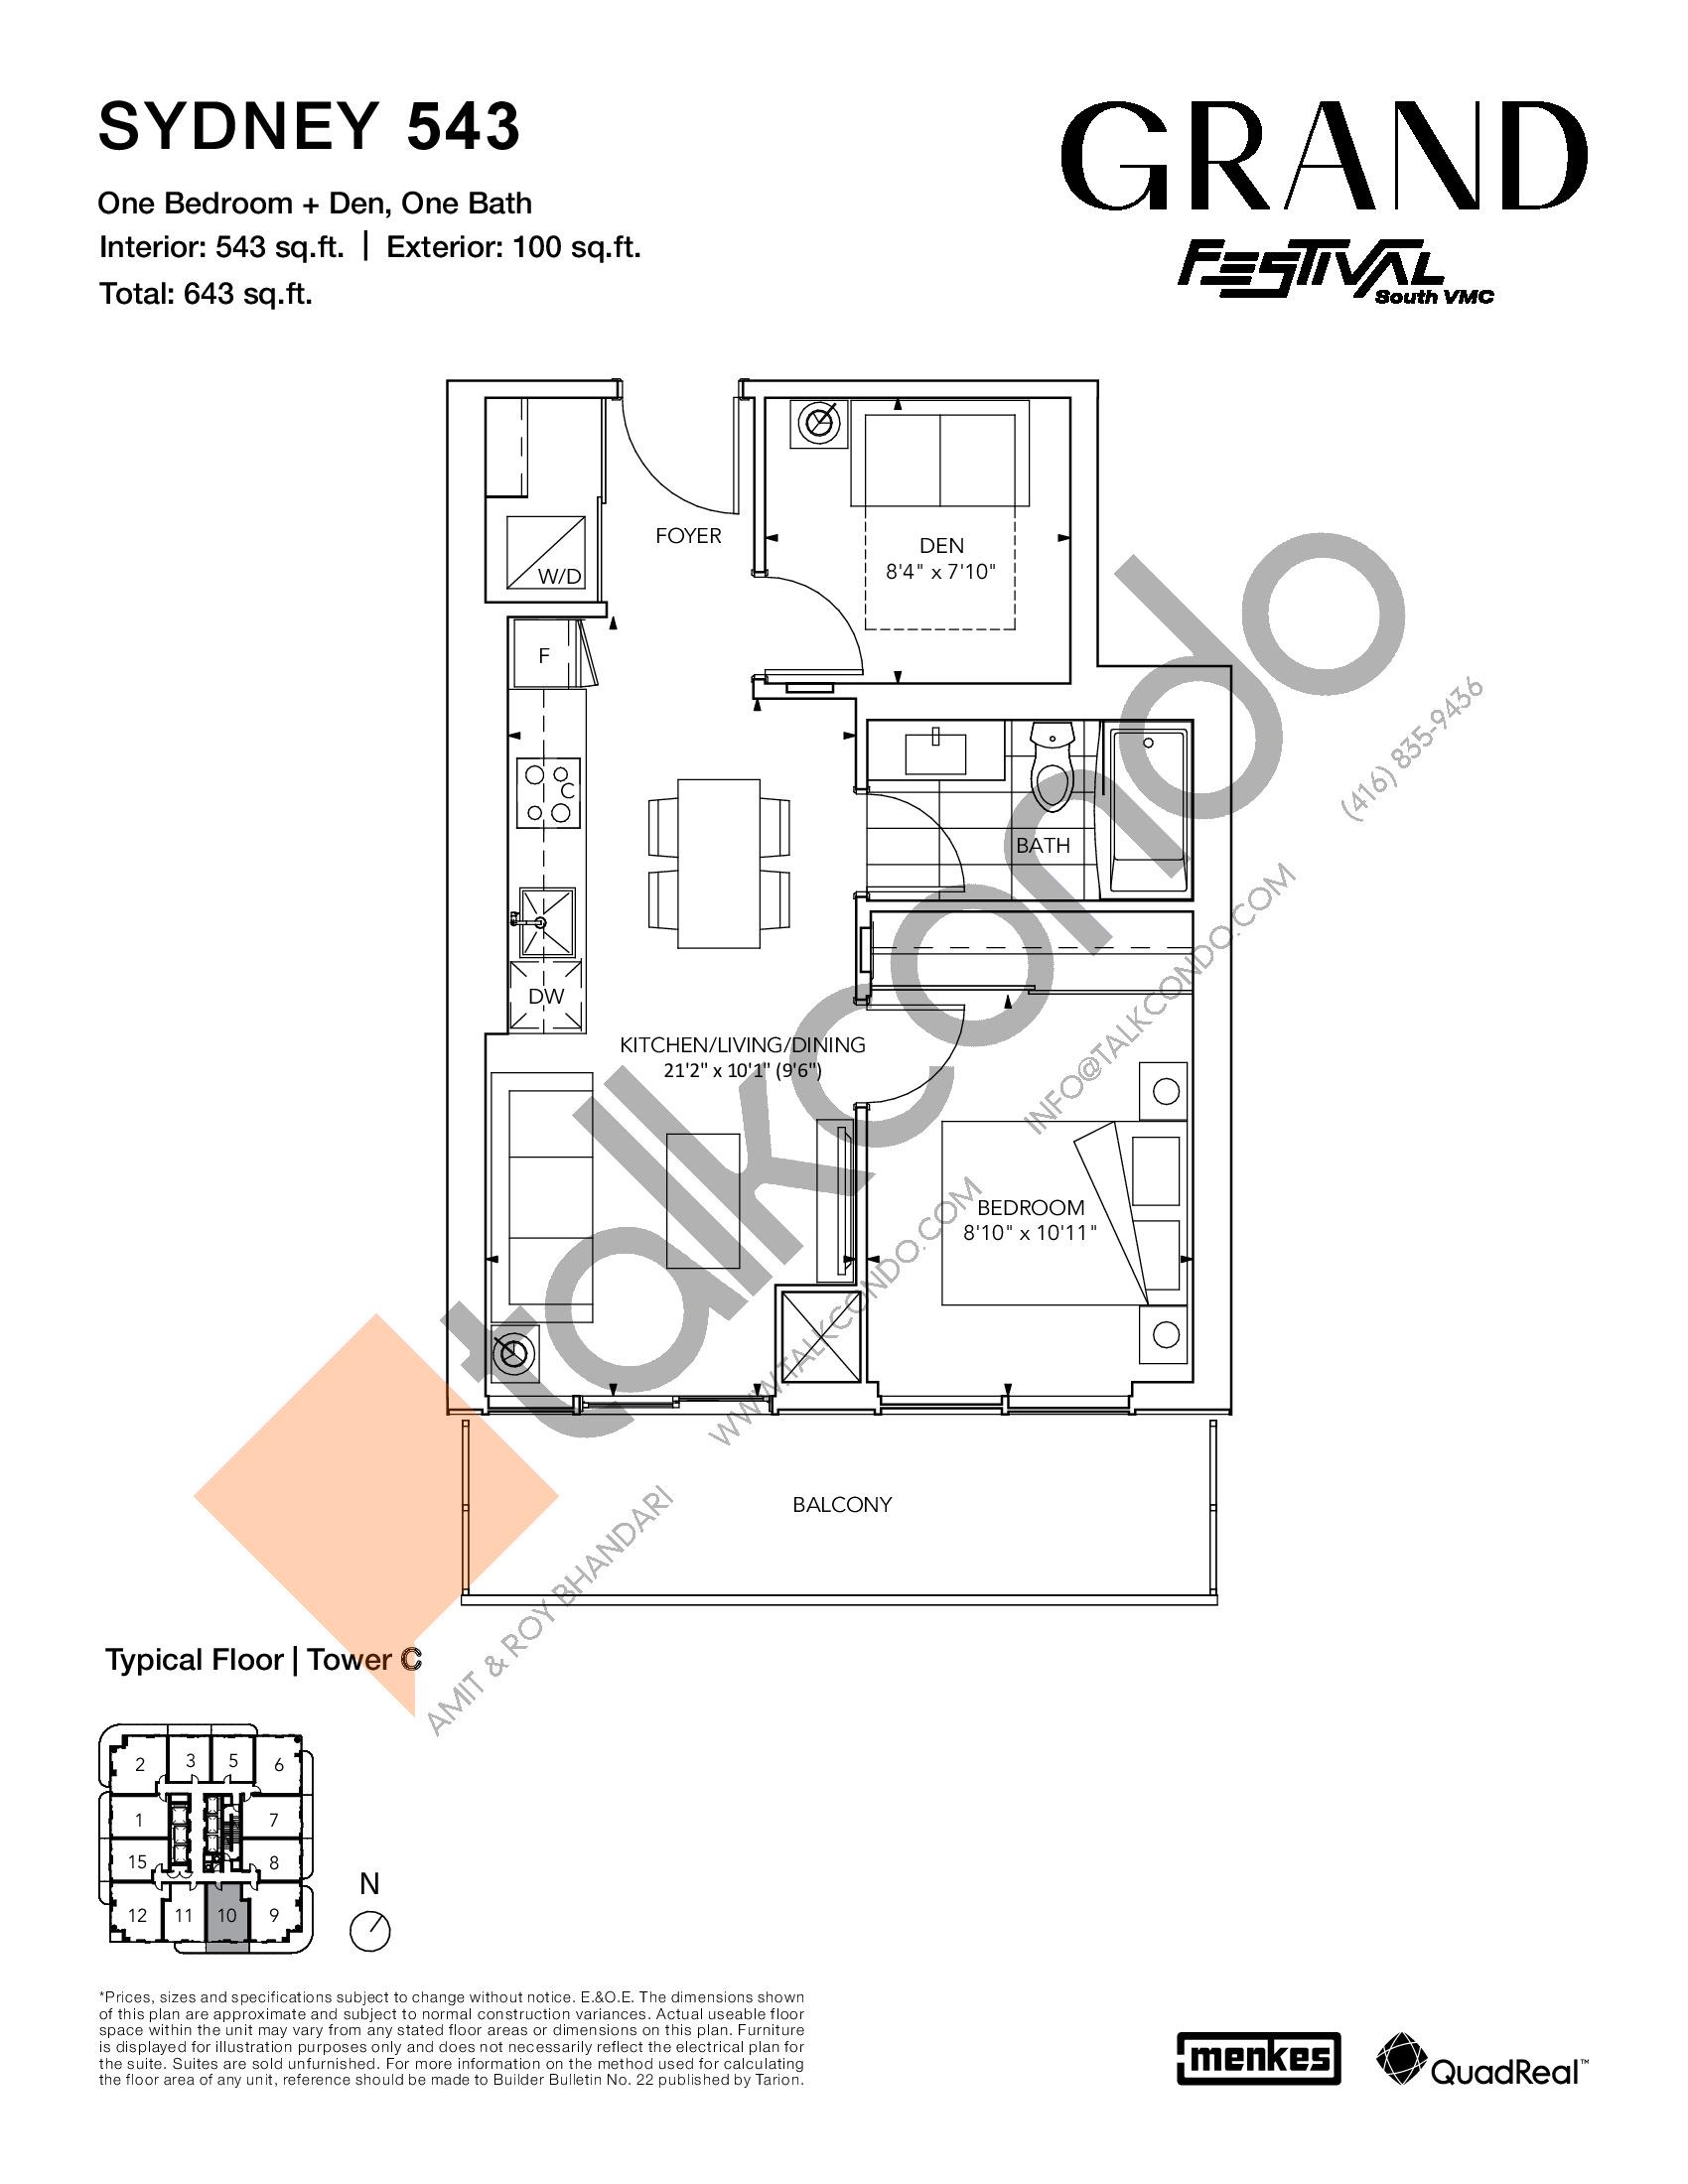 Sydney 543 Floor Plan at Grand Festival Condos - 543 sq.ft